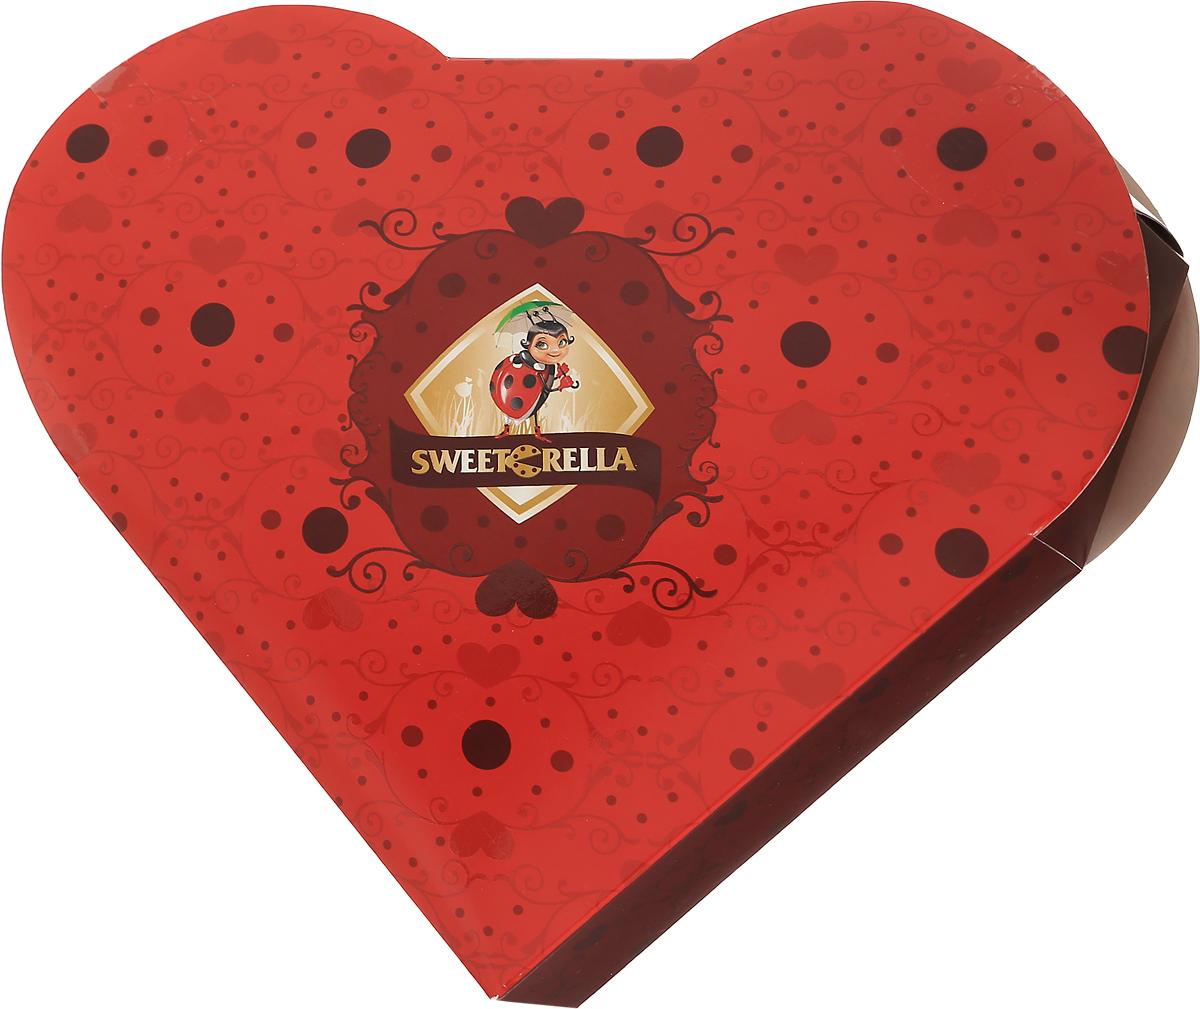 Sweeterella набор шоколадных конфет пламенное сердце, 170 гиба038Пламенно-красное сердце в стилистике Sweeterella подойдет как в качестве подарка к 14 февраля, так и для любимой к 8 марта - подарков никогда не бывает много! Набор шоколадных конфет в форме сердца: - шоколадные конфеты из молочного шоколада с начинкой Клубника со сливками; - шоколадные конфеты из темного шоколада с начинкой Цитрусовый микс. Уважаемые клиенты! Обращаем ваше внимание, что полный перечень состава продукта представлен на дополнительном изображении.